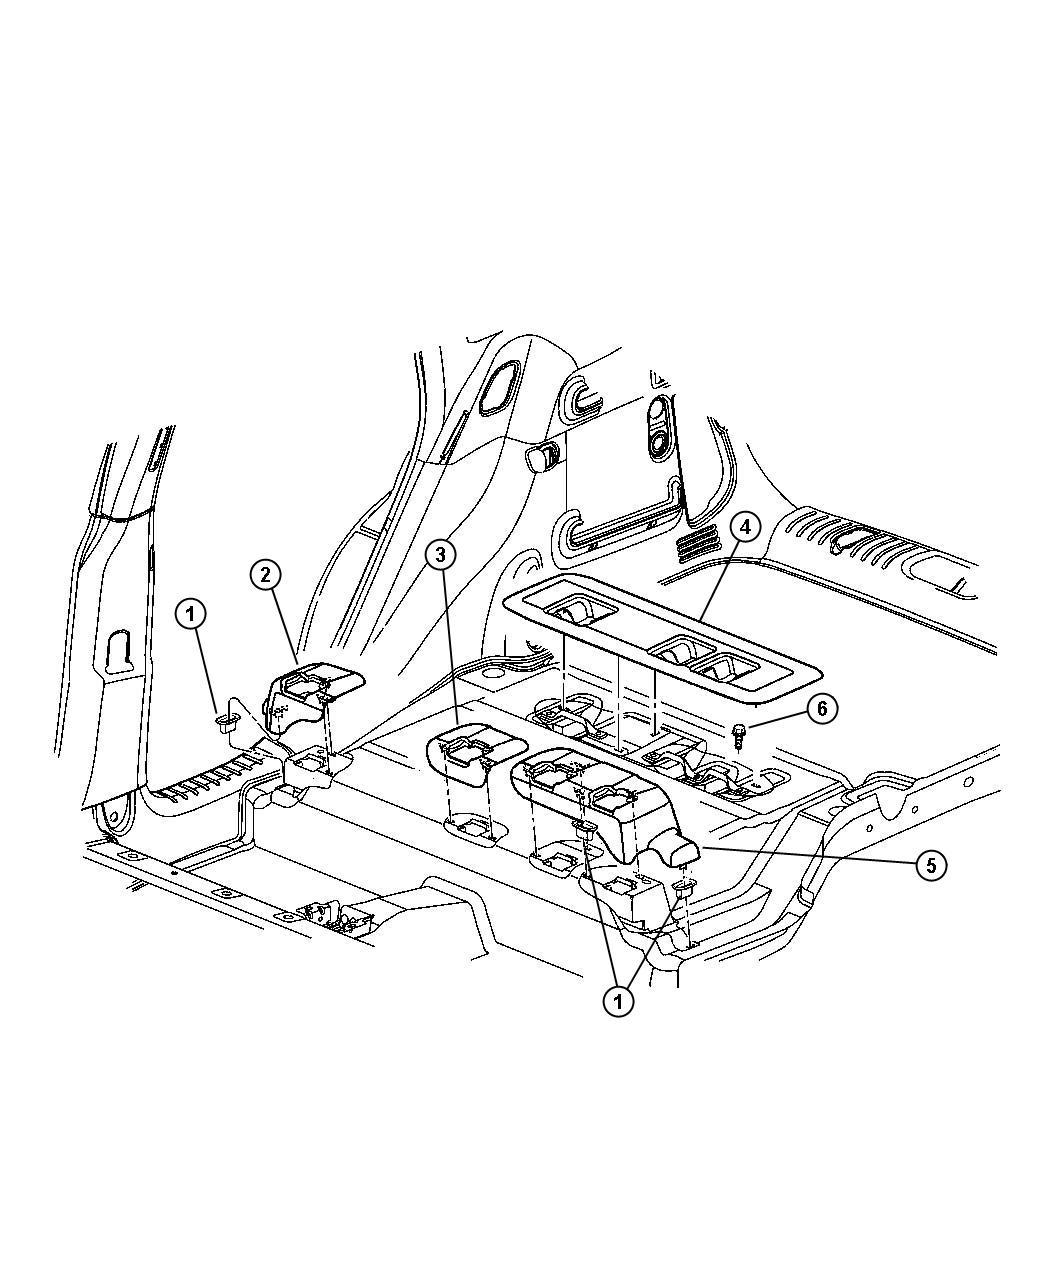 Chrysler Pt Cruiser Bezel. Seat pivot. Center. [fl], taupe